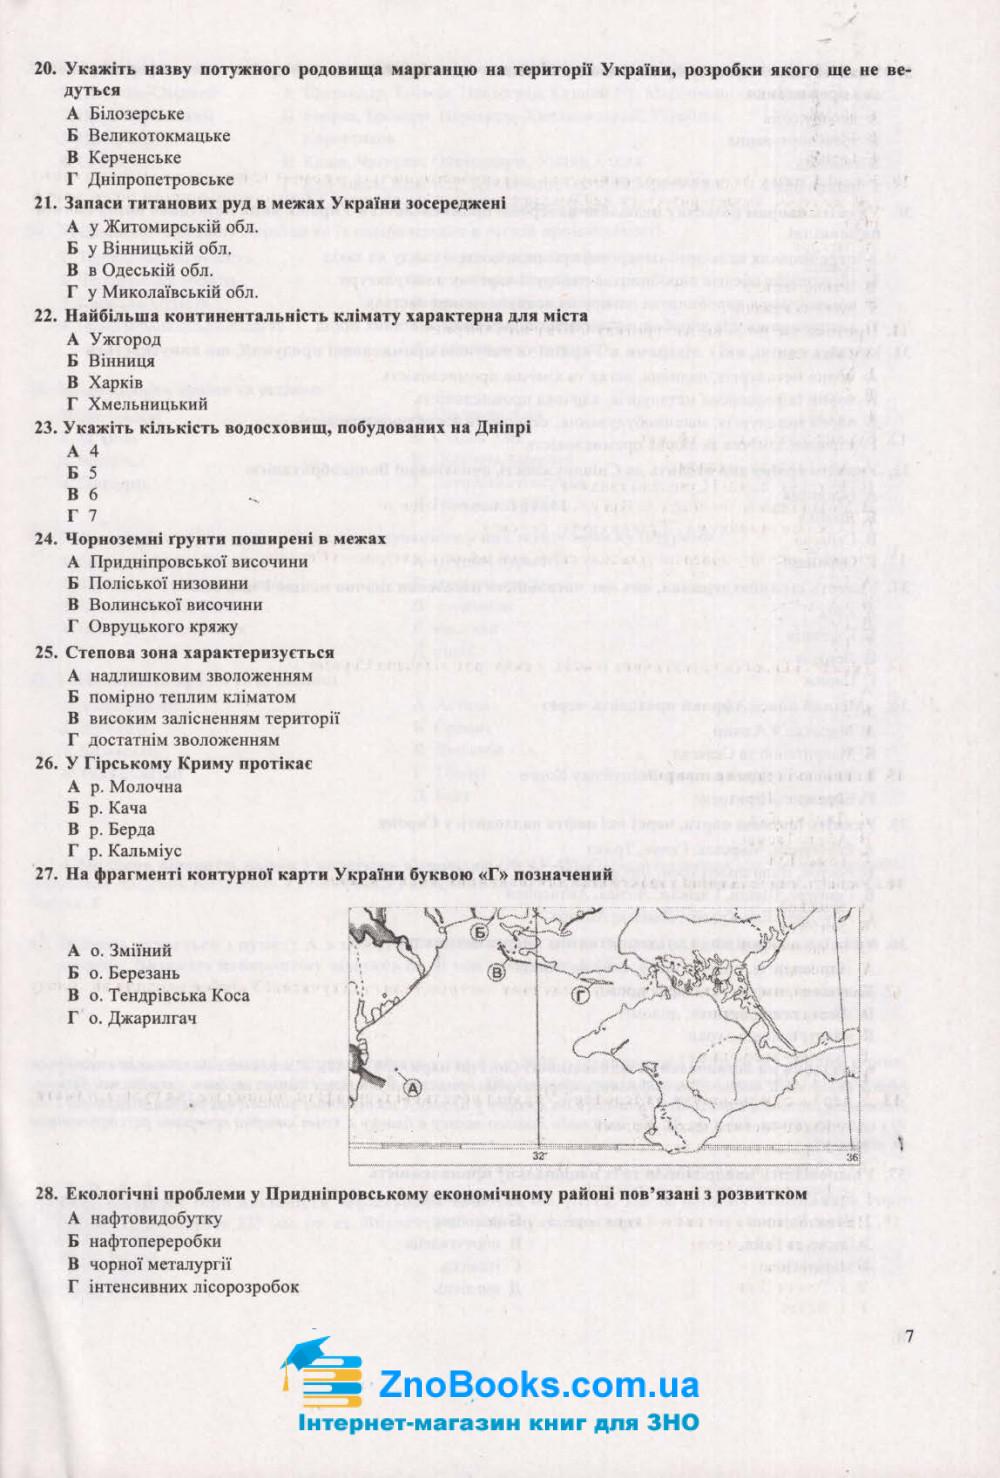 ЗНО 2021 Географія. Тренажер для підготовки до ЗНО : Кузишин А. Тернопіль купити 6